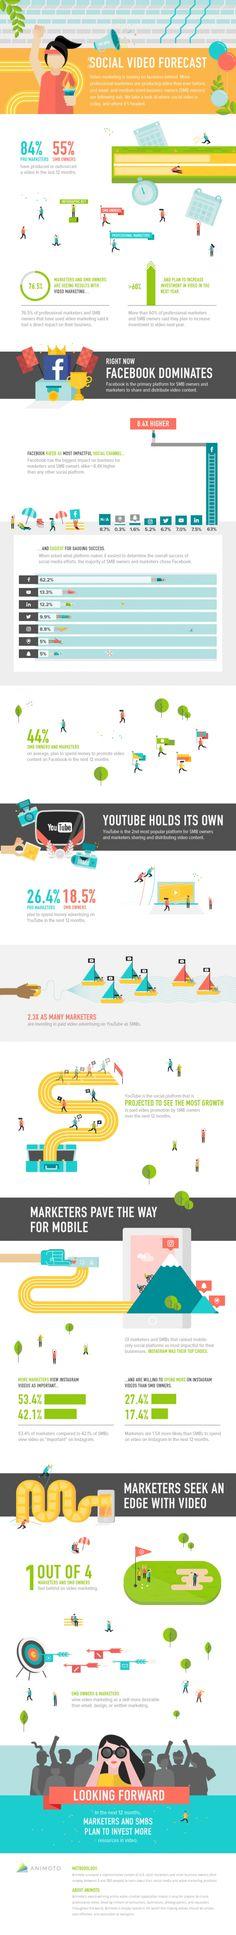 Video Content Marketing – Marketing Branche vs. mittelständische Unternehmen im Video Marketing!